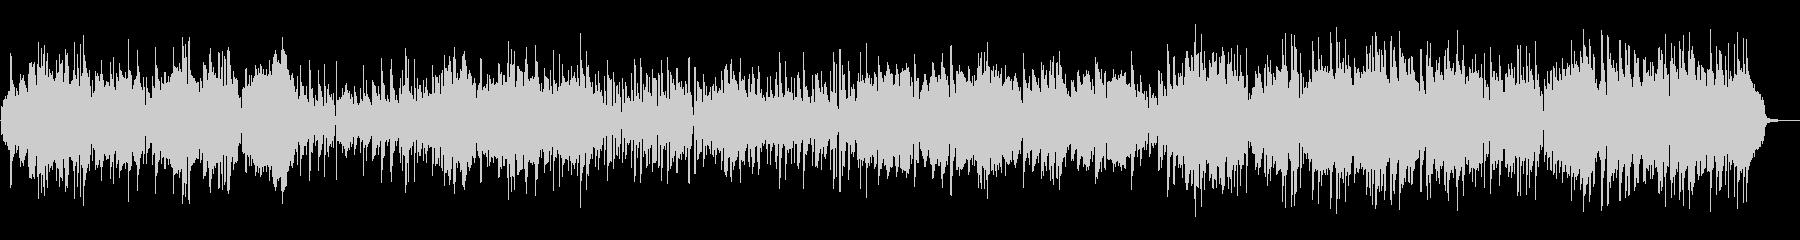 クラリネットとアコーディオのパリ風楽曲の未再生の波形